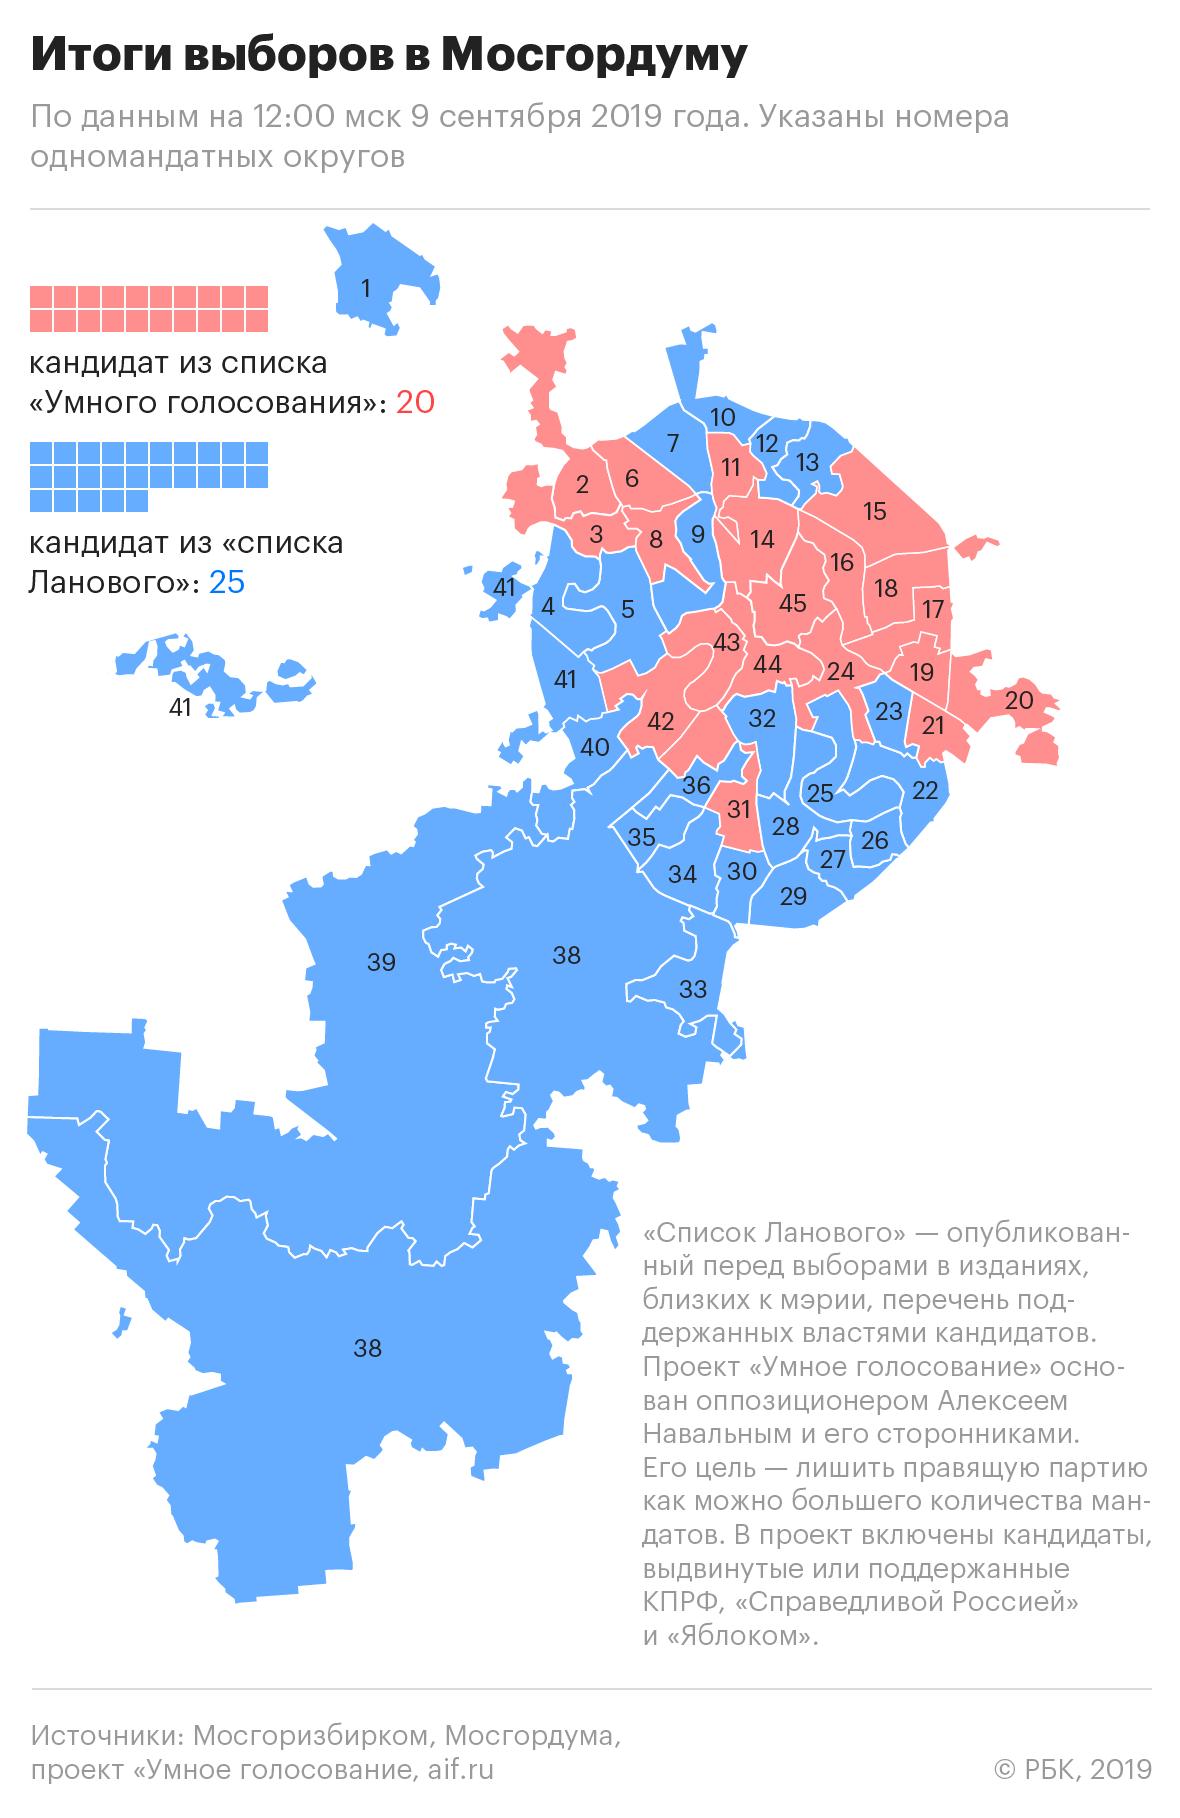 20190909_11-55-Кандидаты от оппозиции победили в 20 из 45 округов Москвы-pic2